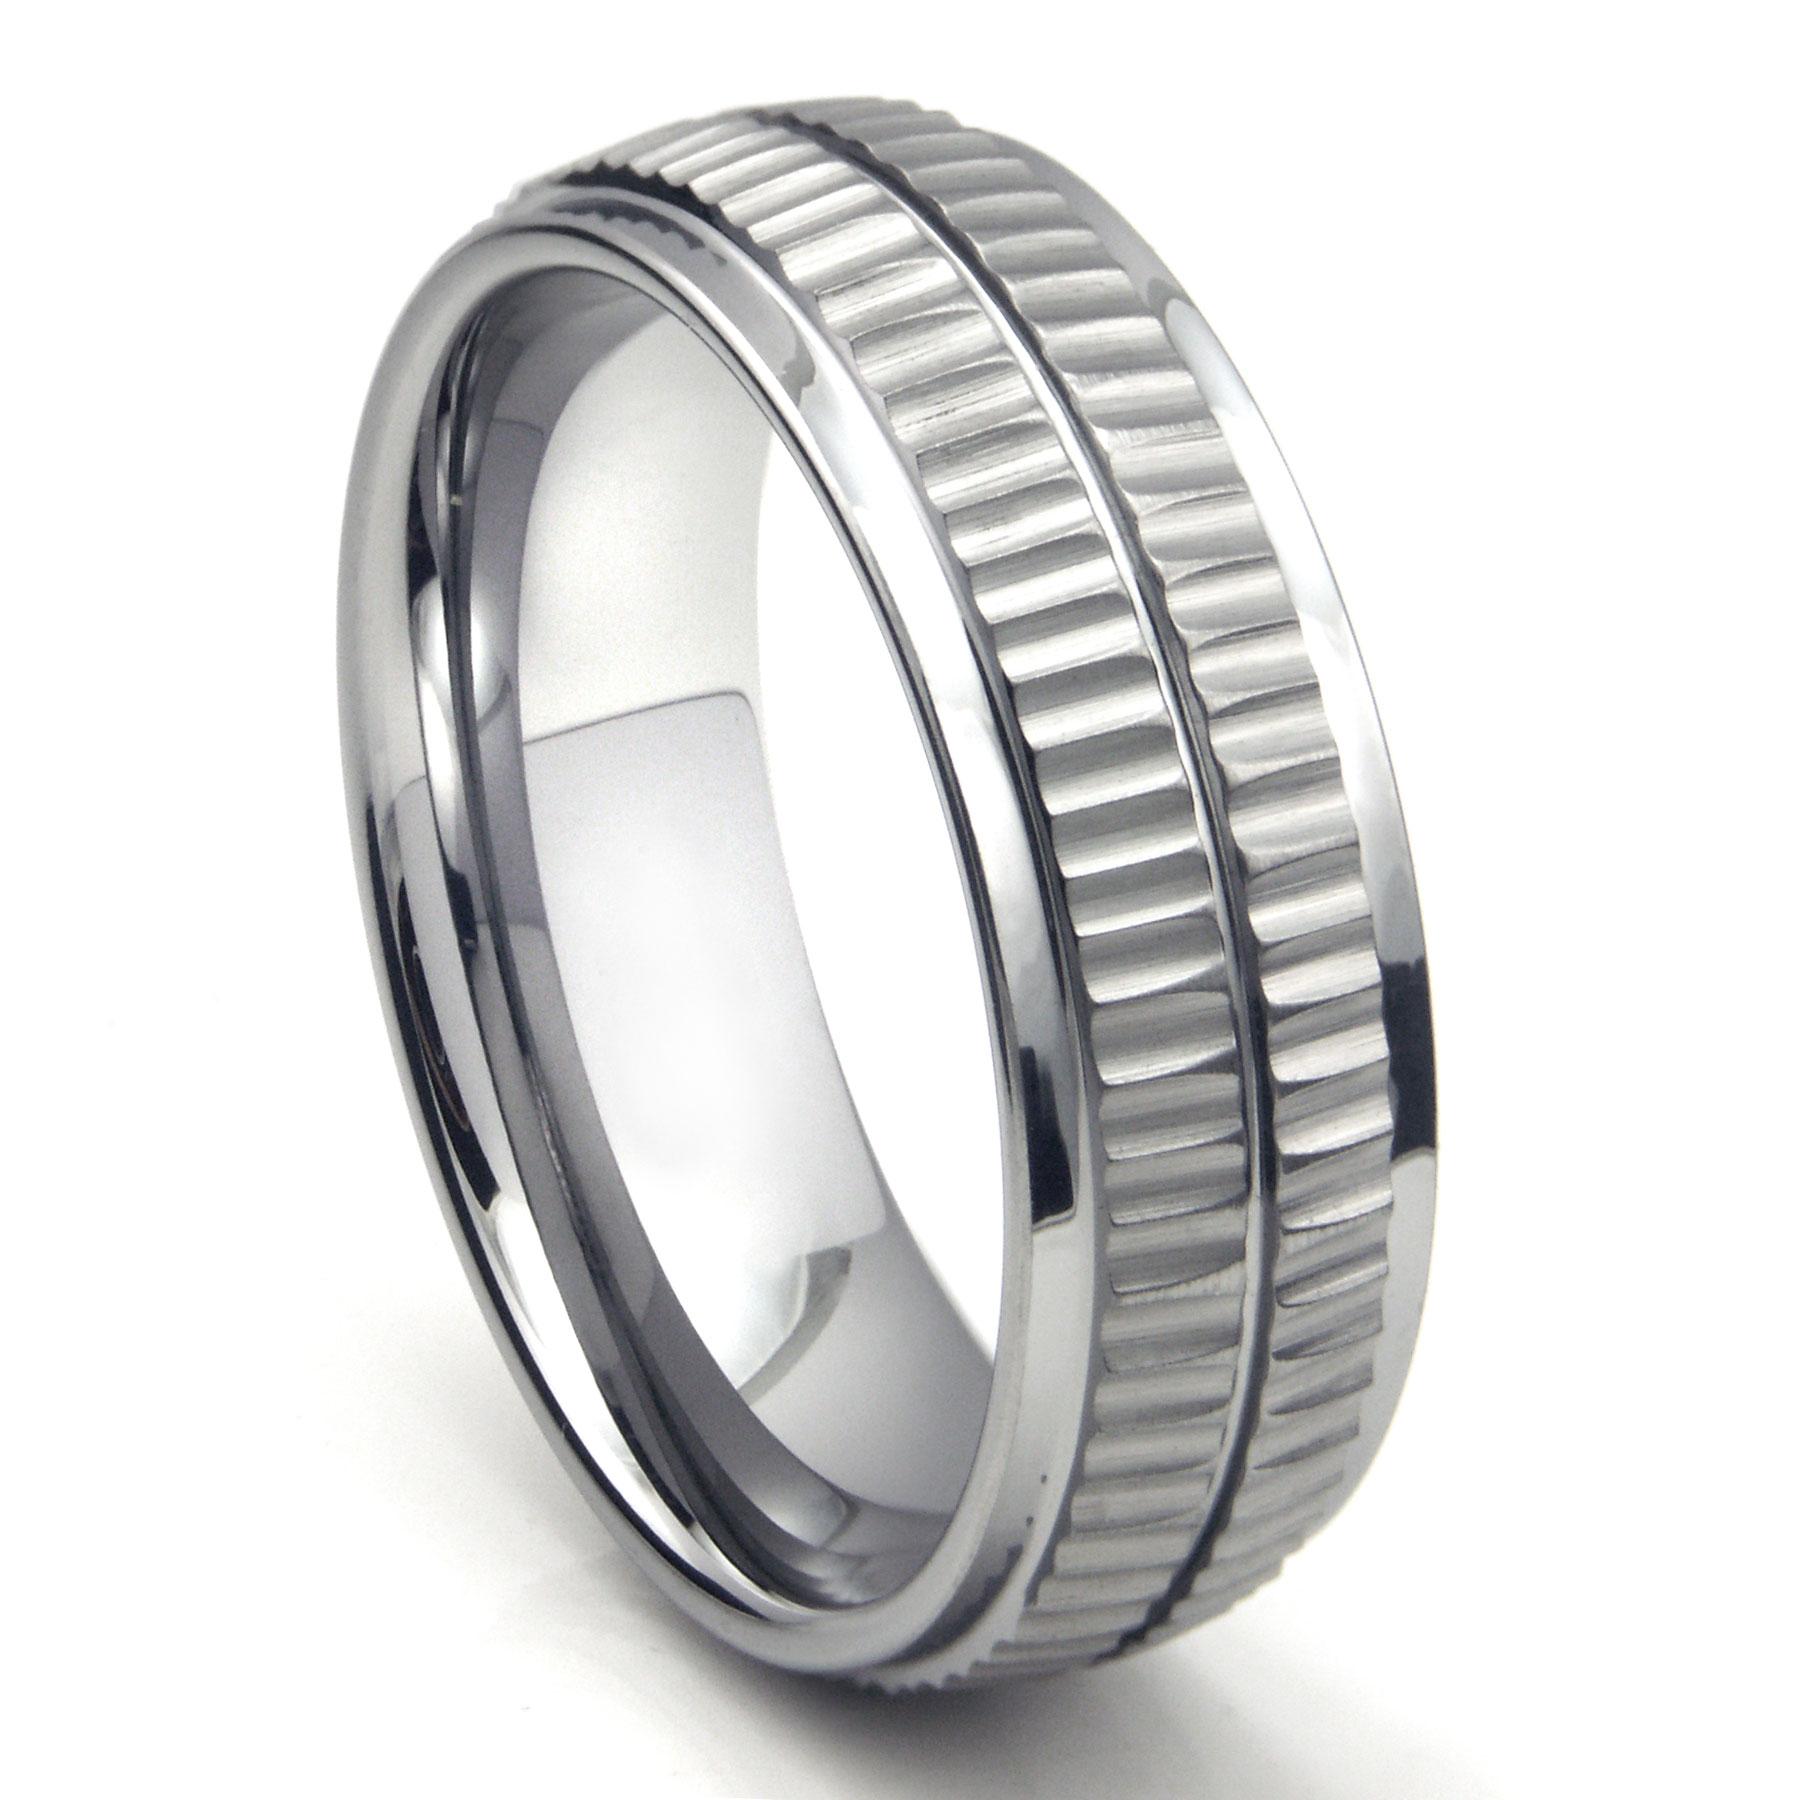 Tungsten Carbide Double Coin Edge Wedding Band Ring